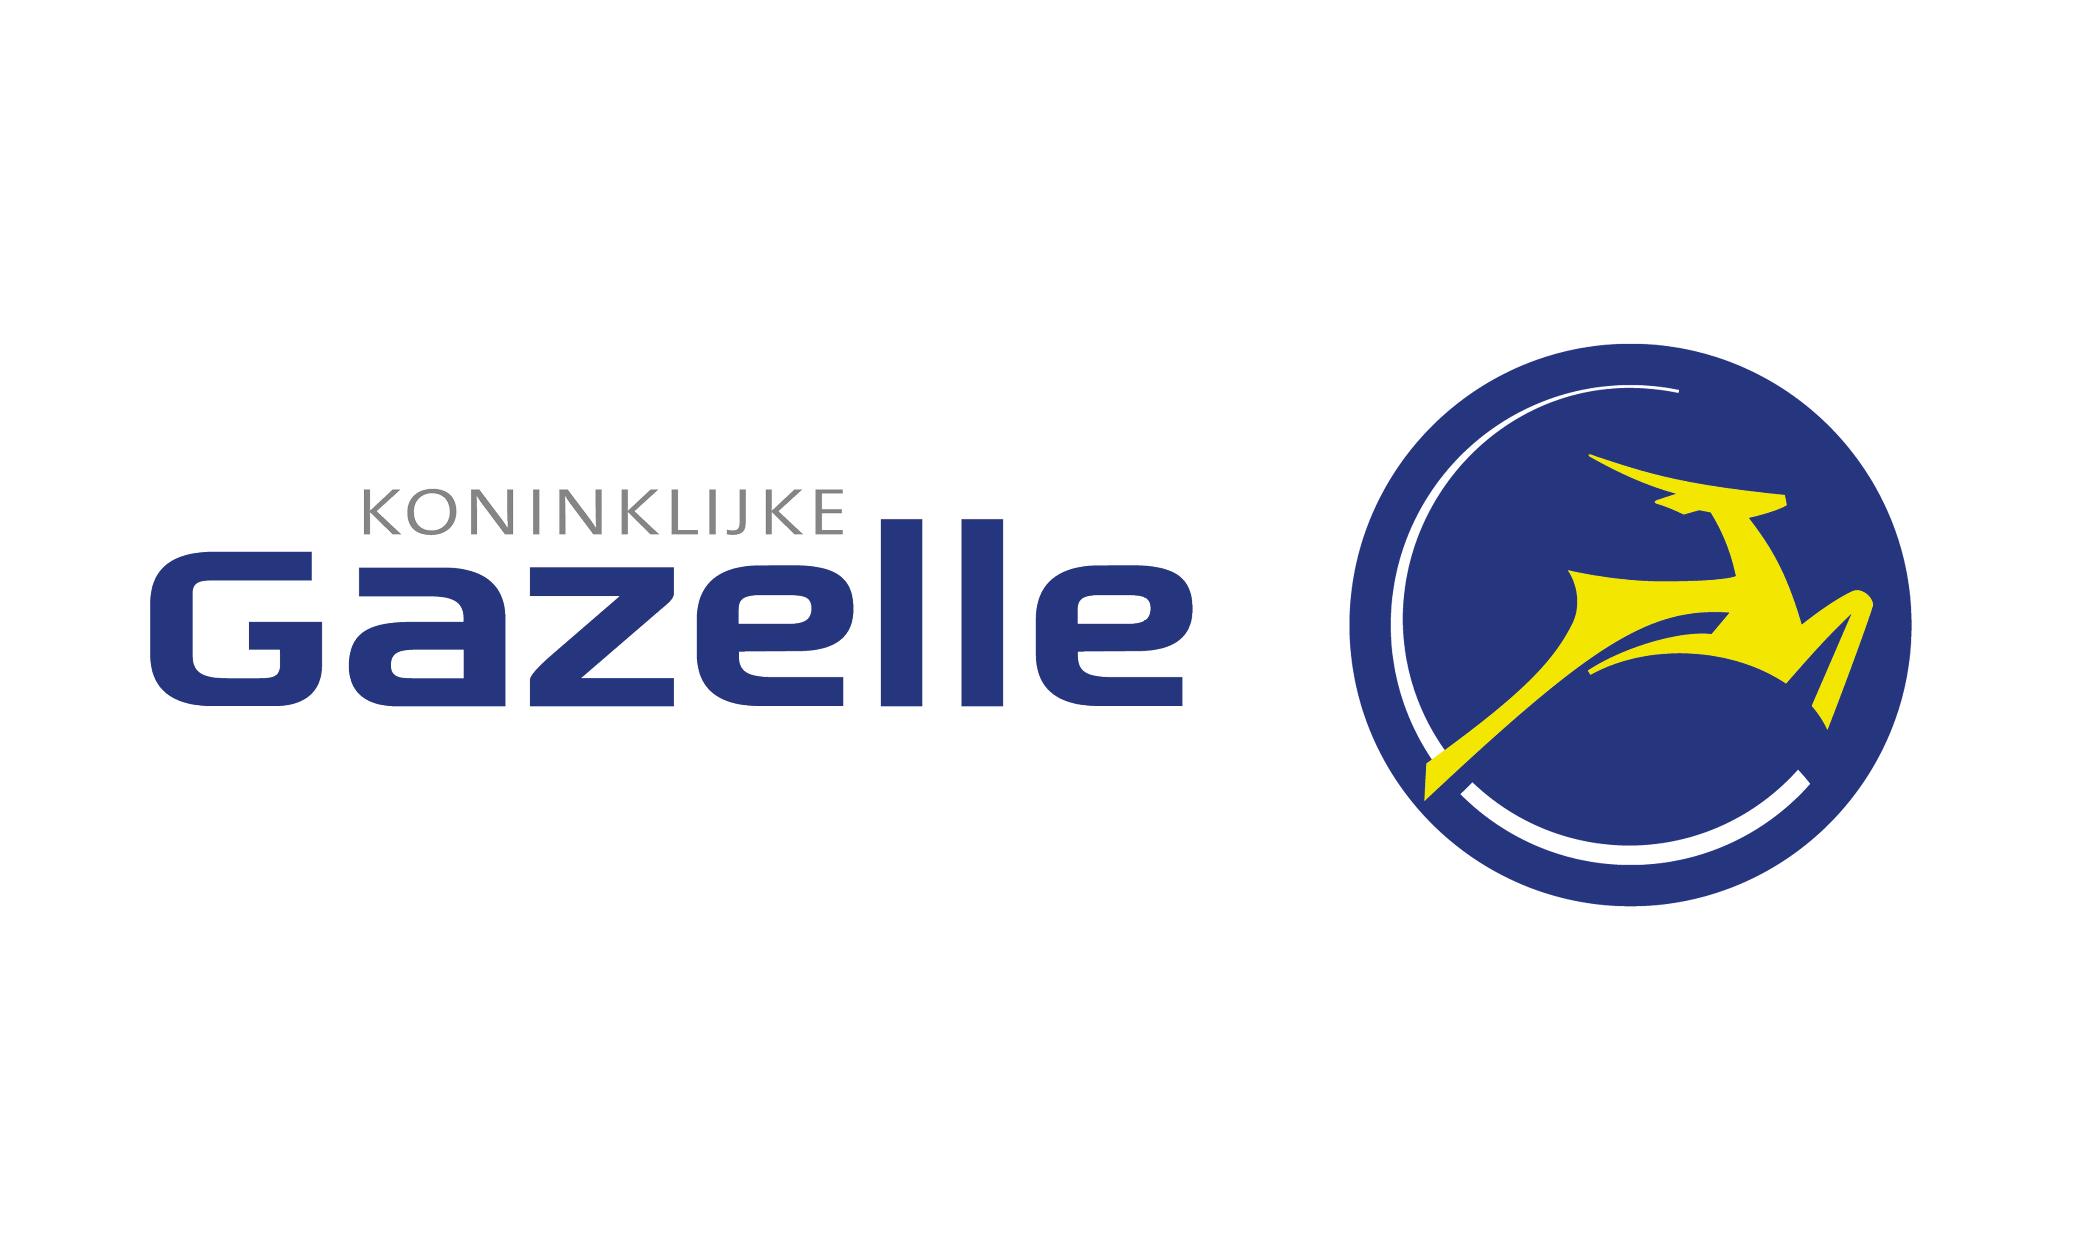 Koninklijke Gazelle